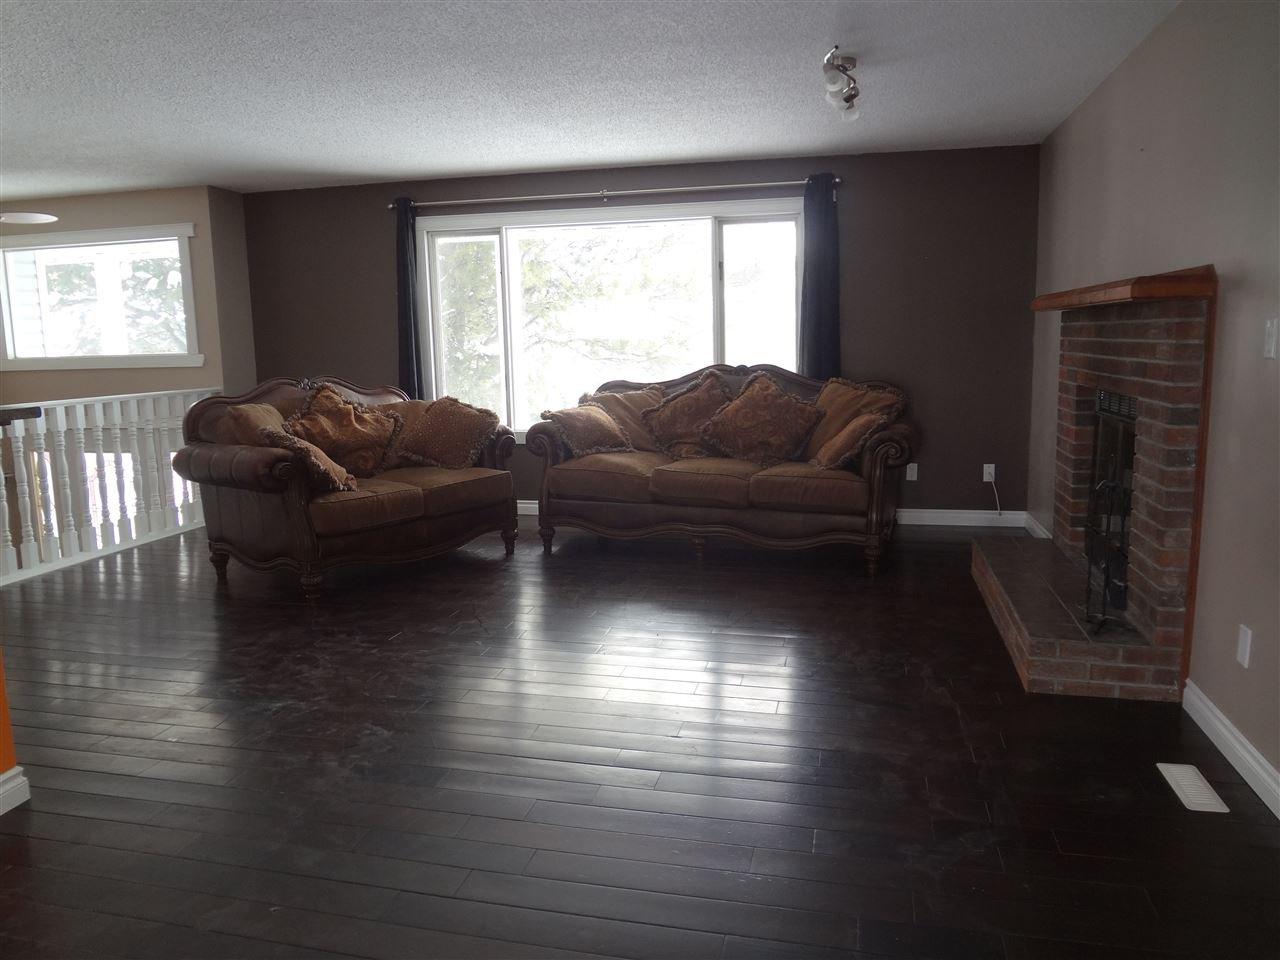 Photo 3: Photos: 9804 113 Avenue in Fort St. John: Fort St. John - City NE House for sale (Fort St. John (Zone 60))  : MLS®# R2413891